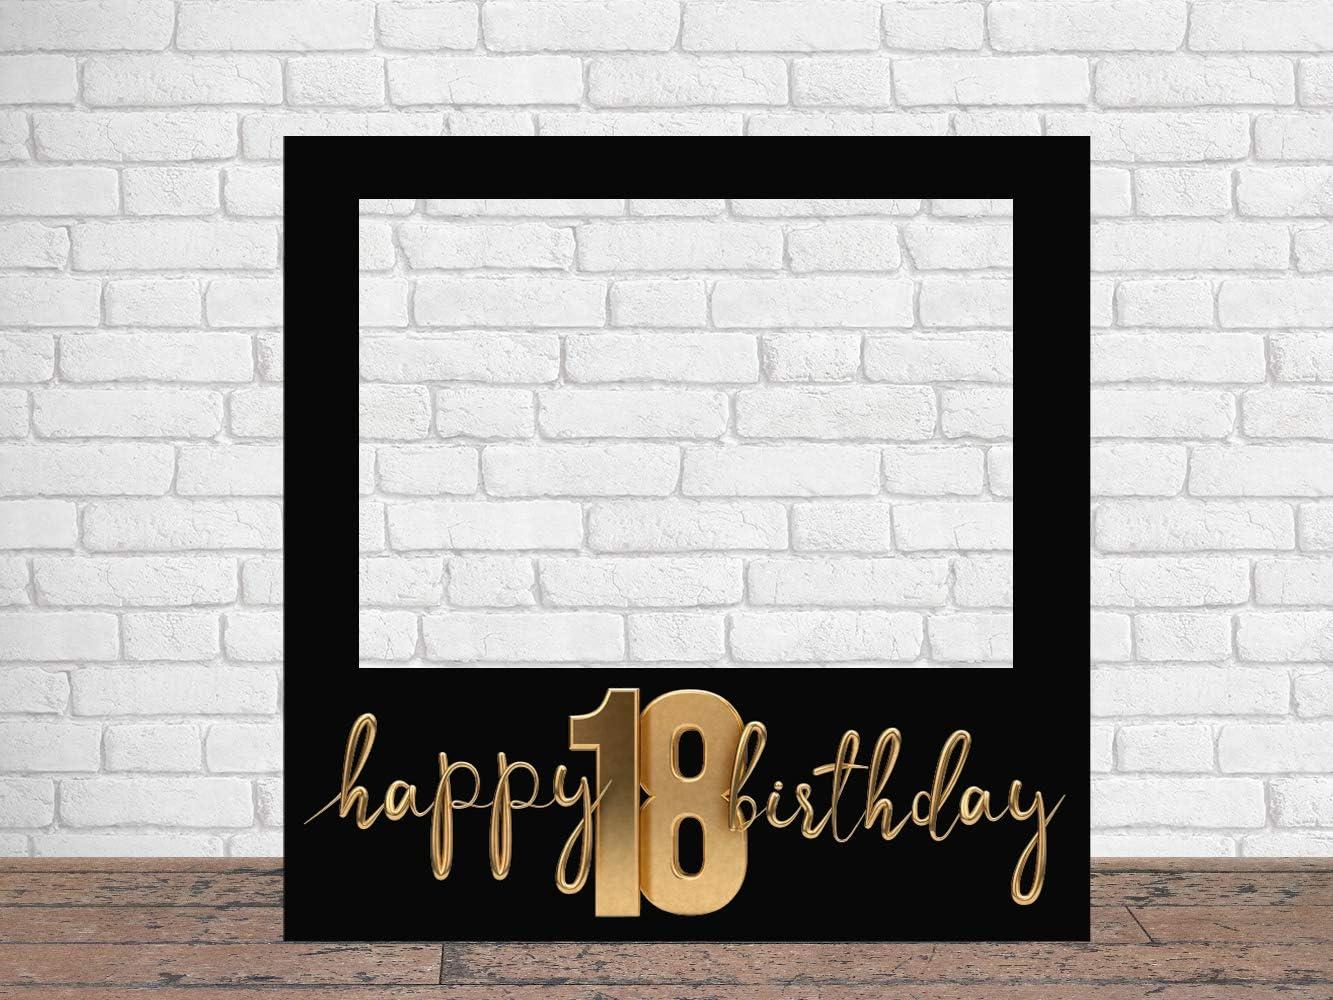 Photocall Feliz 18 Cumpleaños 100 x100 cm | Regalos para Cumpleaños | Photocall Económico y Original | Ideas para Regalos | Regalos Personalizados de Cumpleaños